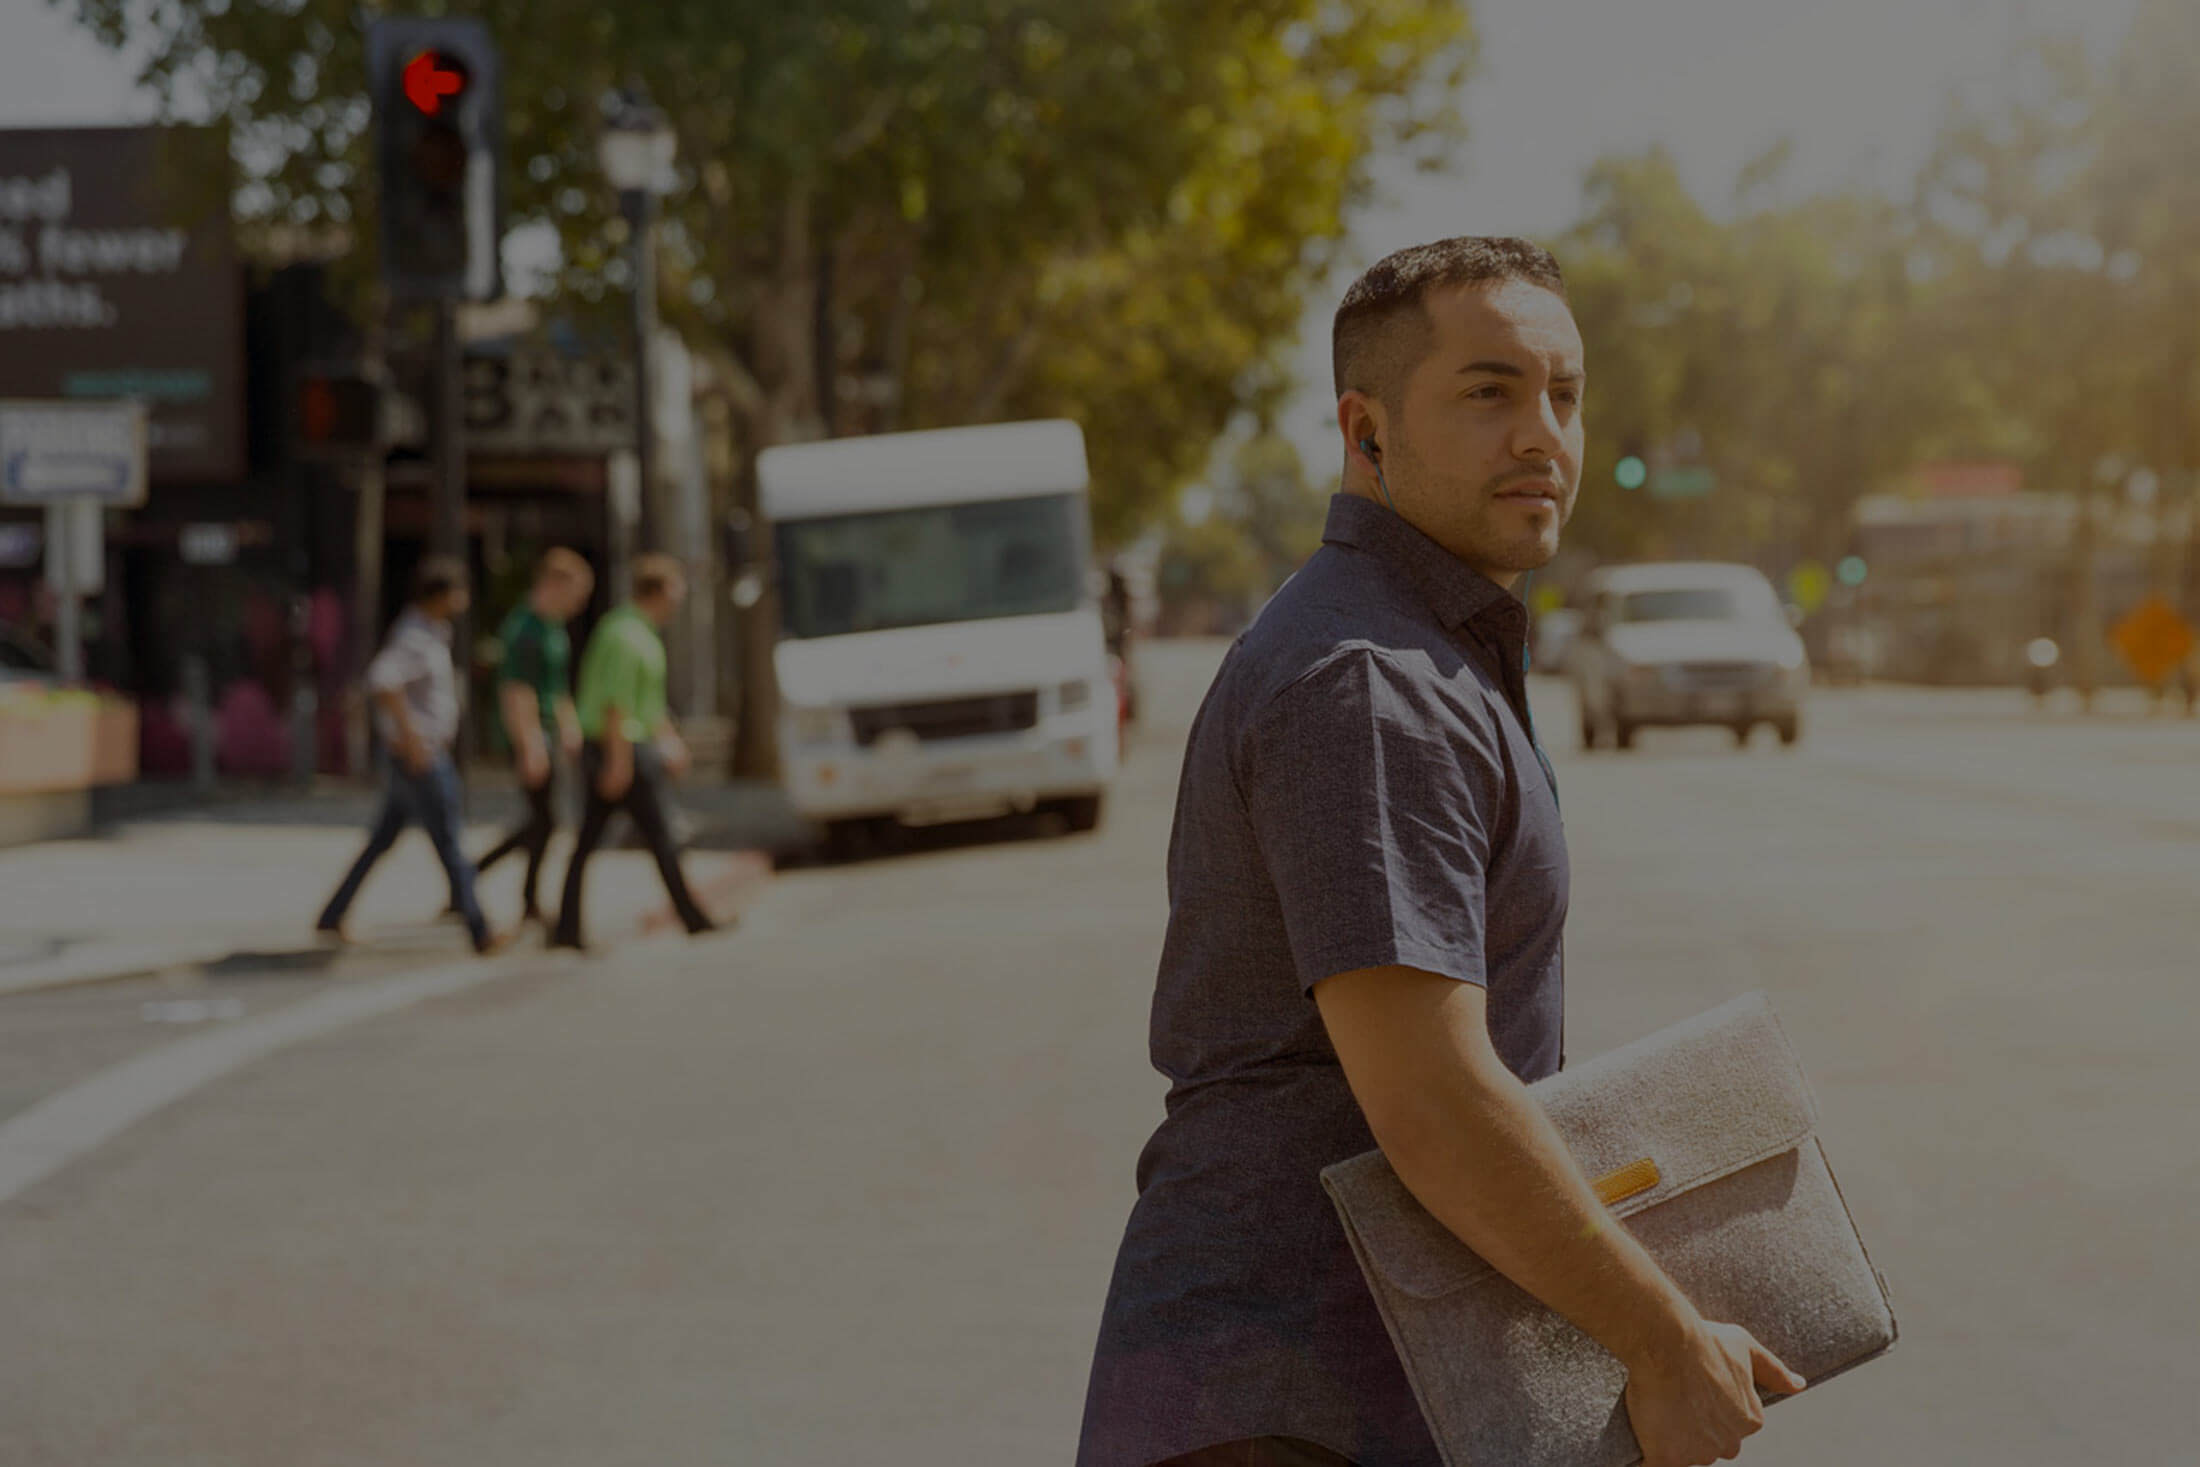 Pole emploi - offre emploi Boulanger pétrisseur industriel (H/F) - Aubagne